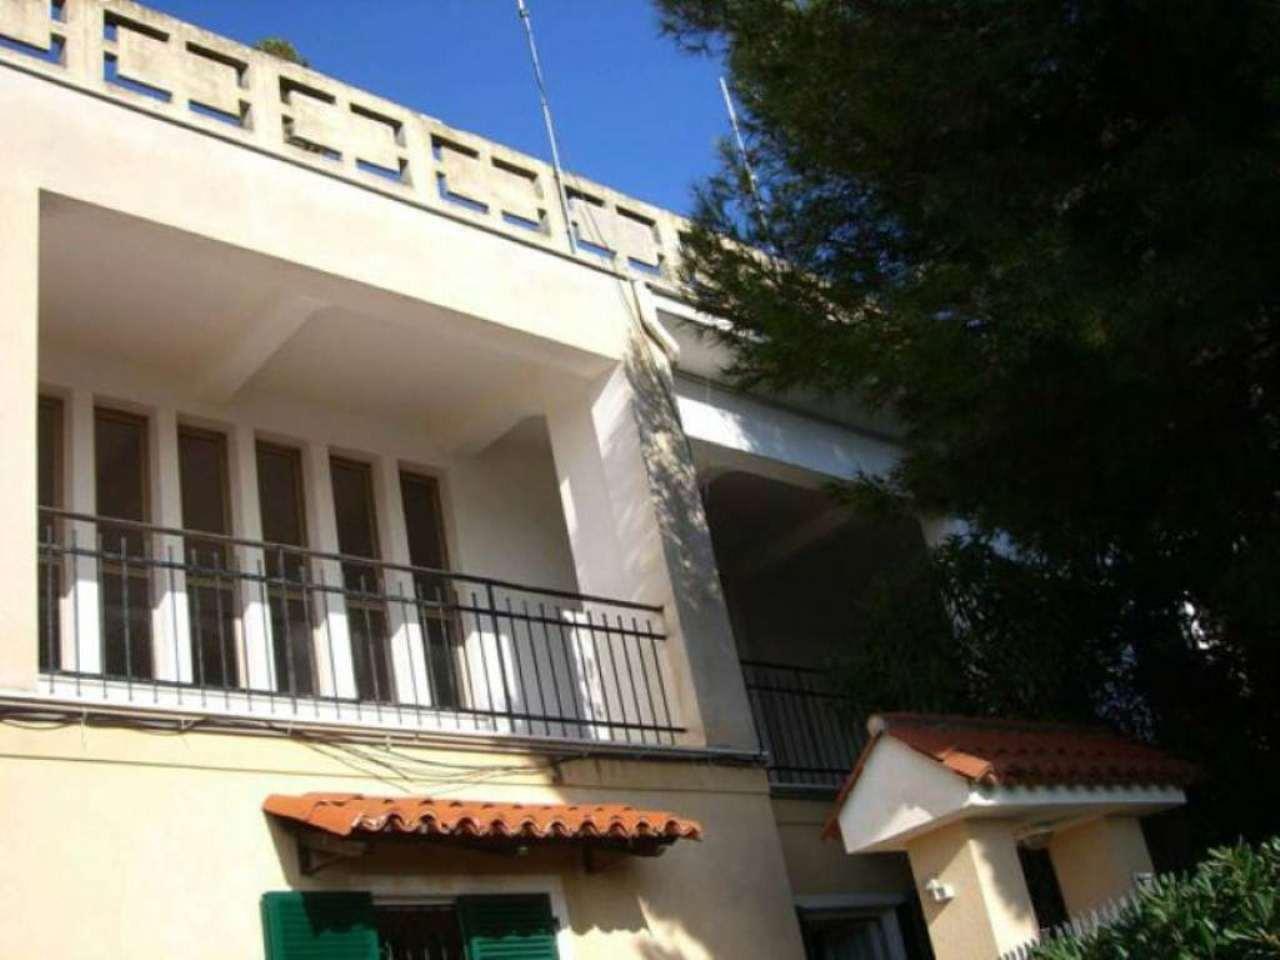 Casa andora appartamenti e case in vendita for Case andora